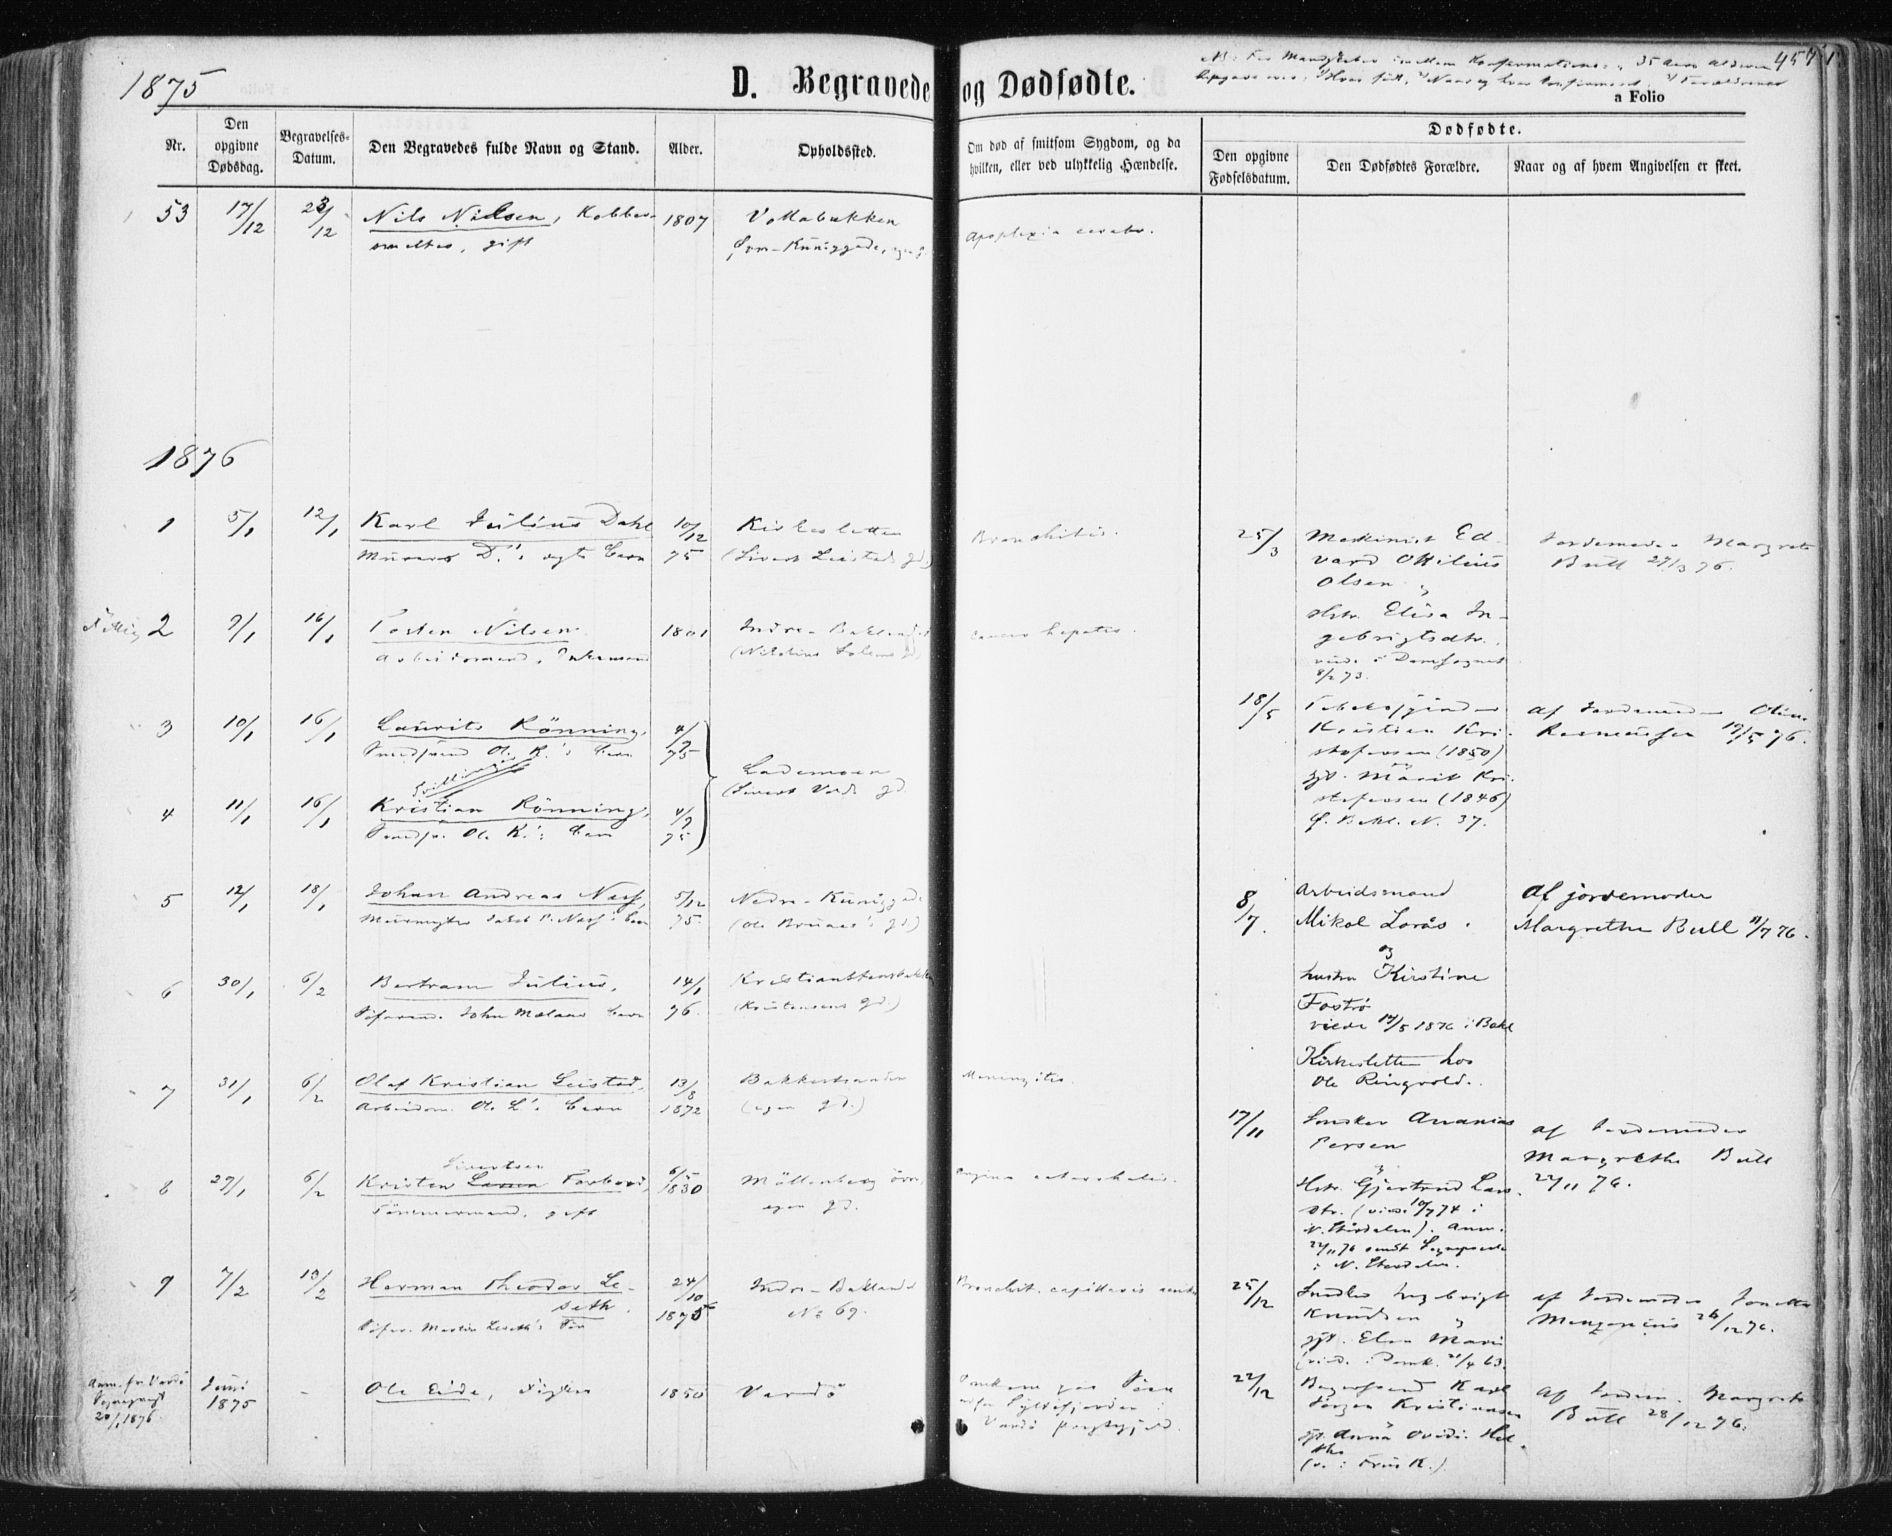 SAT, Ministerialprotokoller, klokkerbøker og fødselsregistre - Sør-Trøndelag, 604/L0186: Ministerialbok nr. 604A07, 1866-1877, s. 457